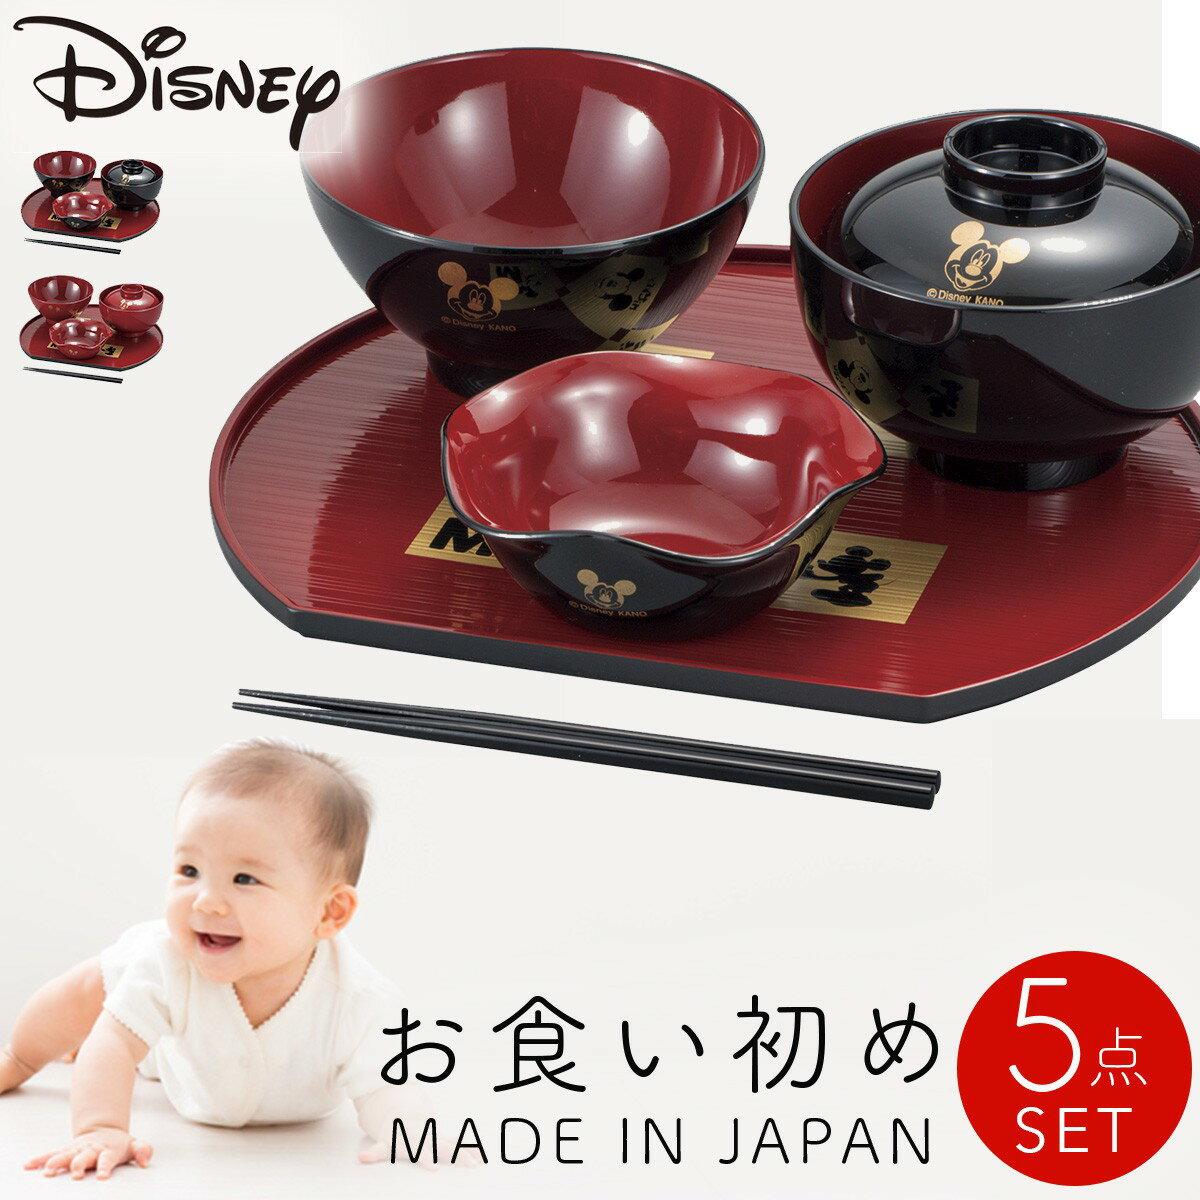 ベビー 食器 ディズニー お食い初め 食器 赤ちゃん ベビー 出産祝い ミッキー ミッキーマウス Disney 和食器 和柄 お食い初め M